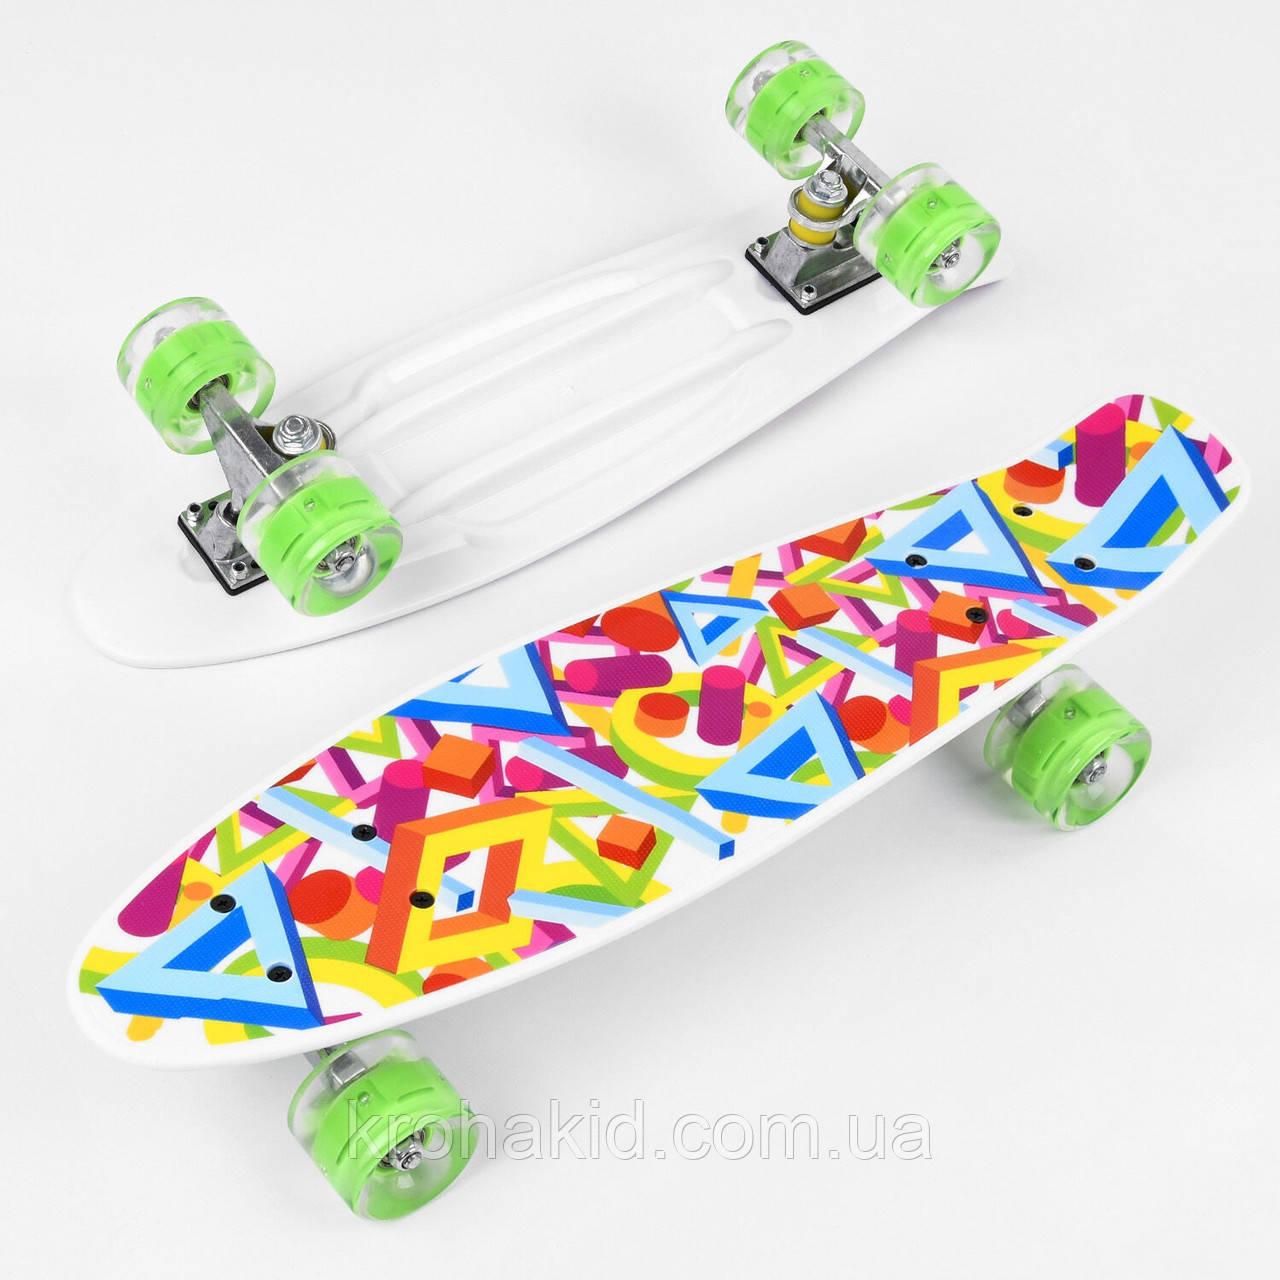 Скейт Пенни борд (Penny Board) Best Board 10765 со светящимися колесами, доска=55см, колёса PU d=6см